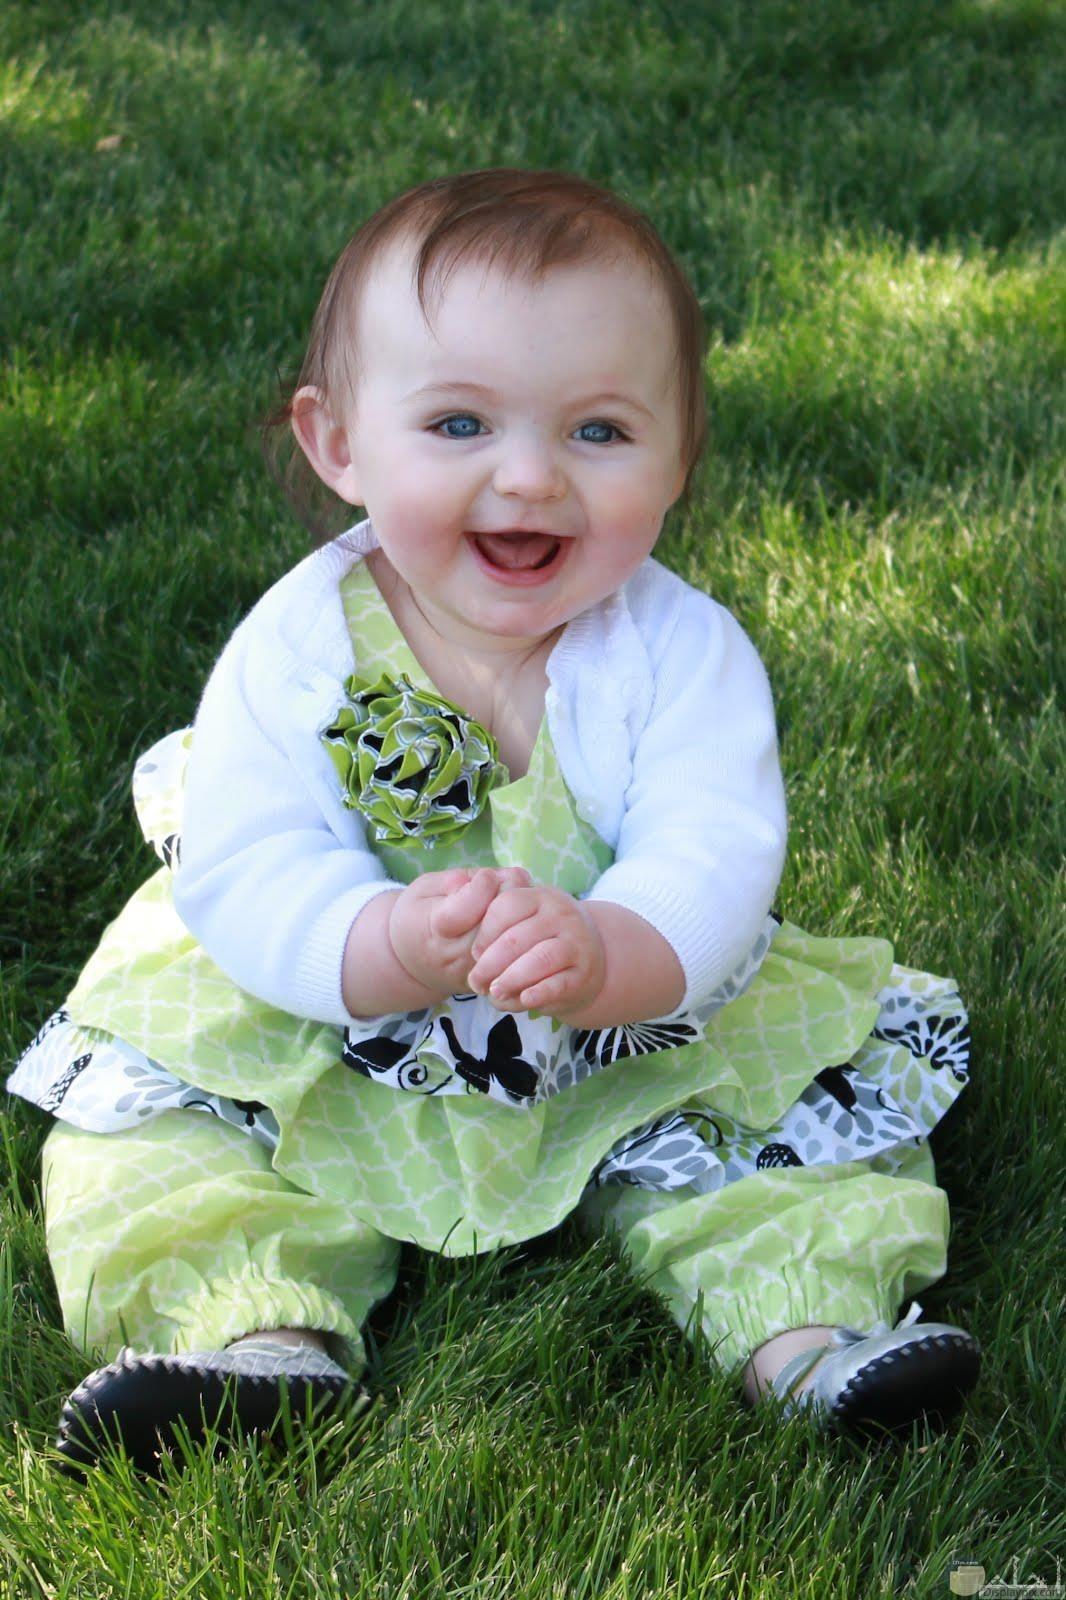 صورة لضحكة طفل تسعد الجميع.